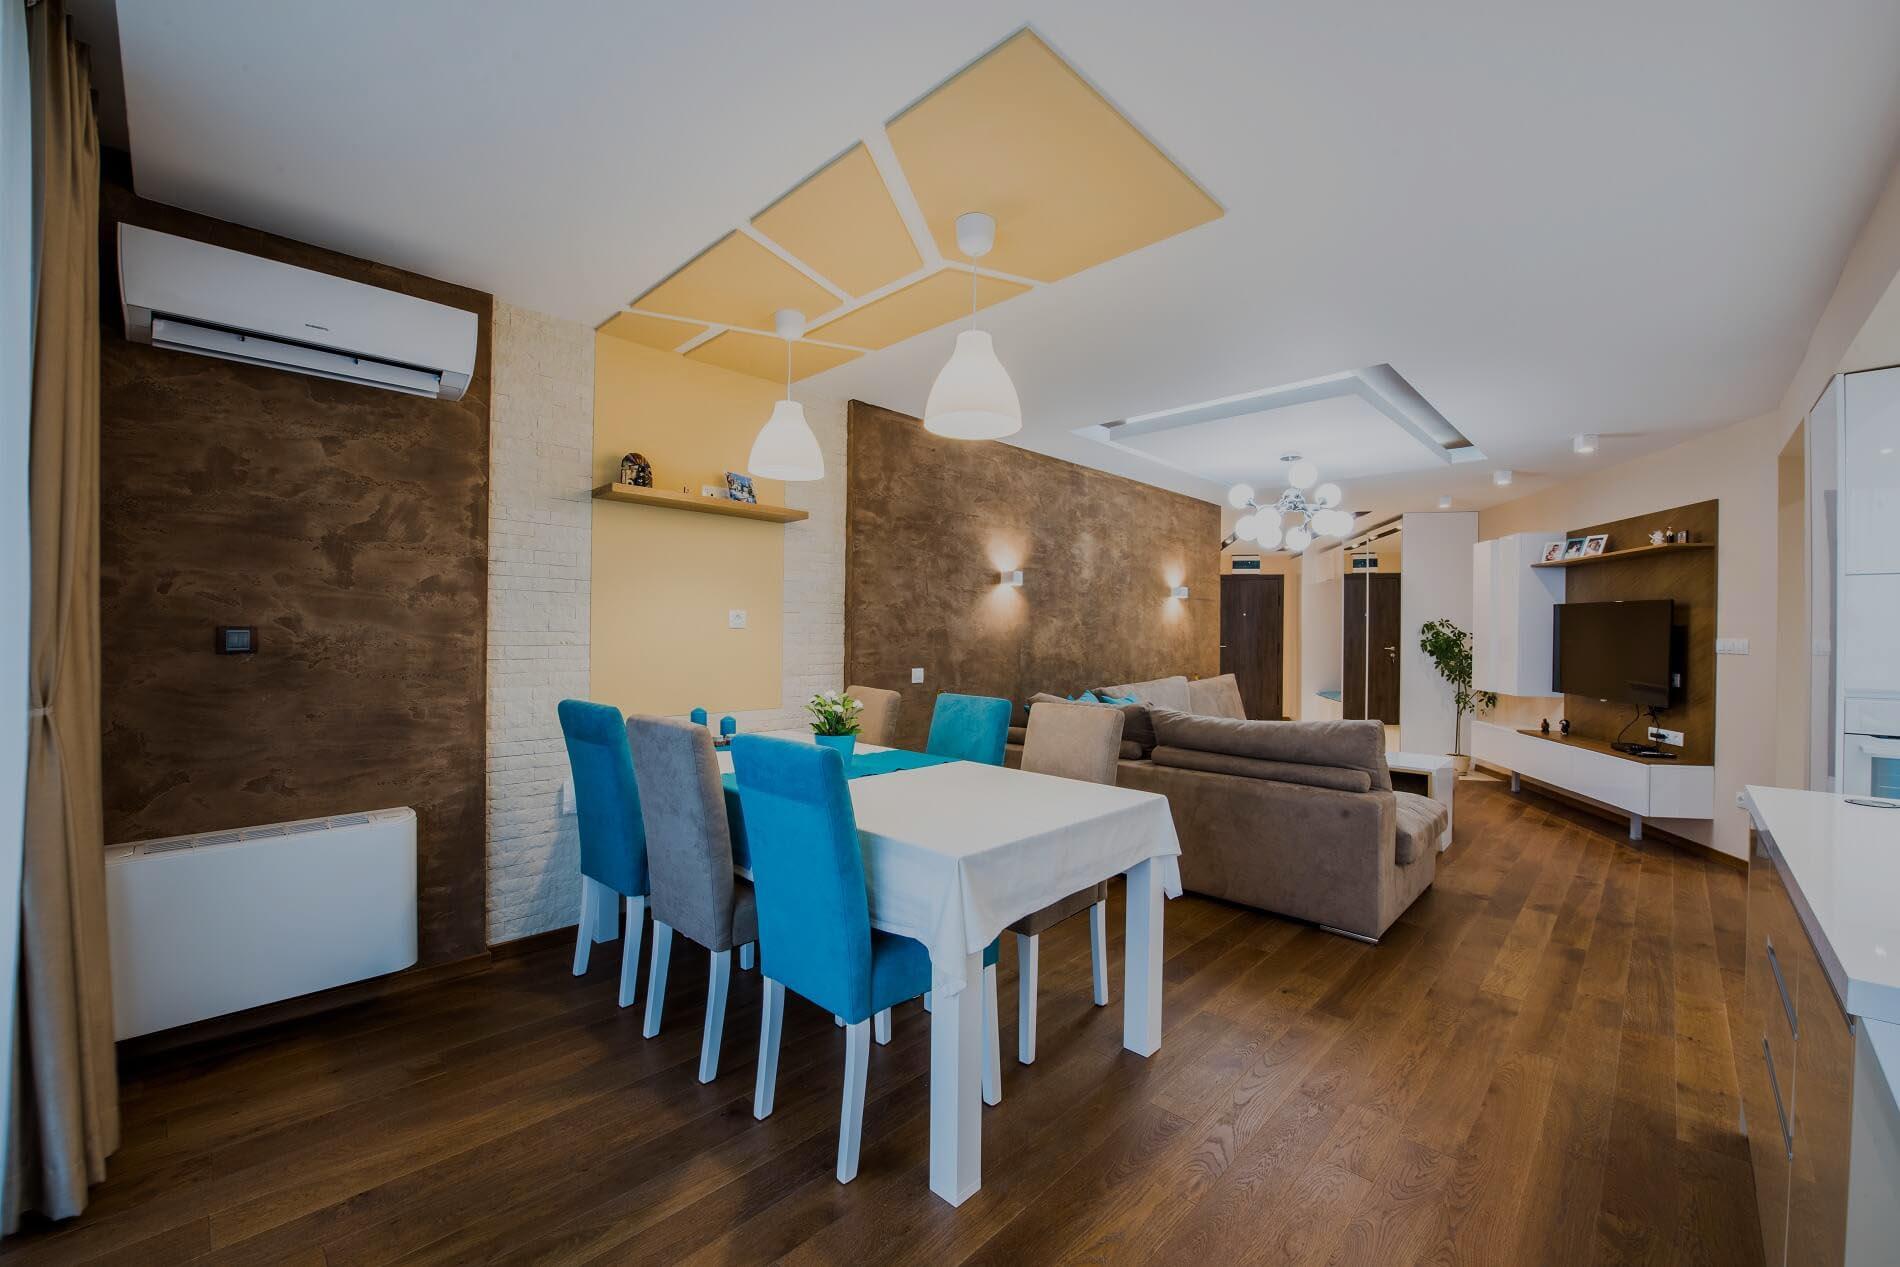 Реализация-апартамент-дневна-кухня-интериорен-дизайн-интериорен-дизайнер-realizaciq-dnevna-unison-design-унисон-дизайн